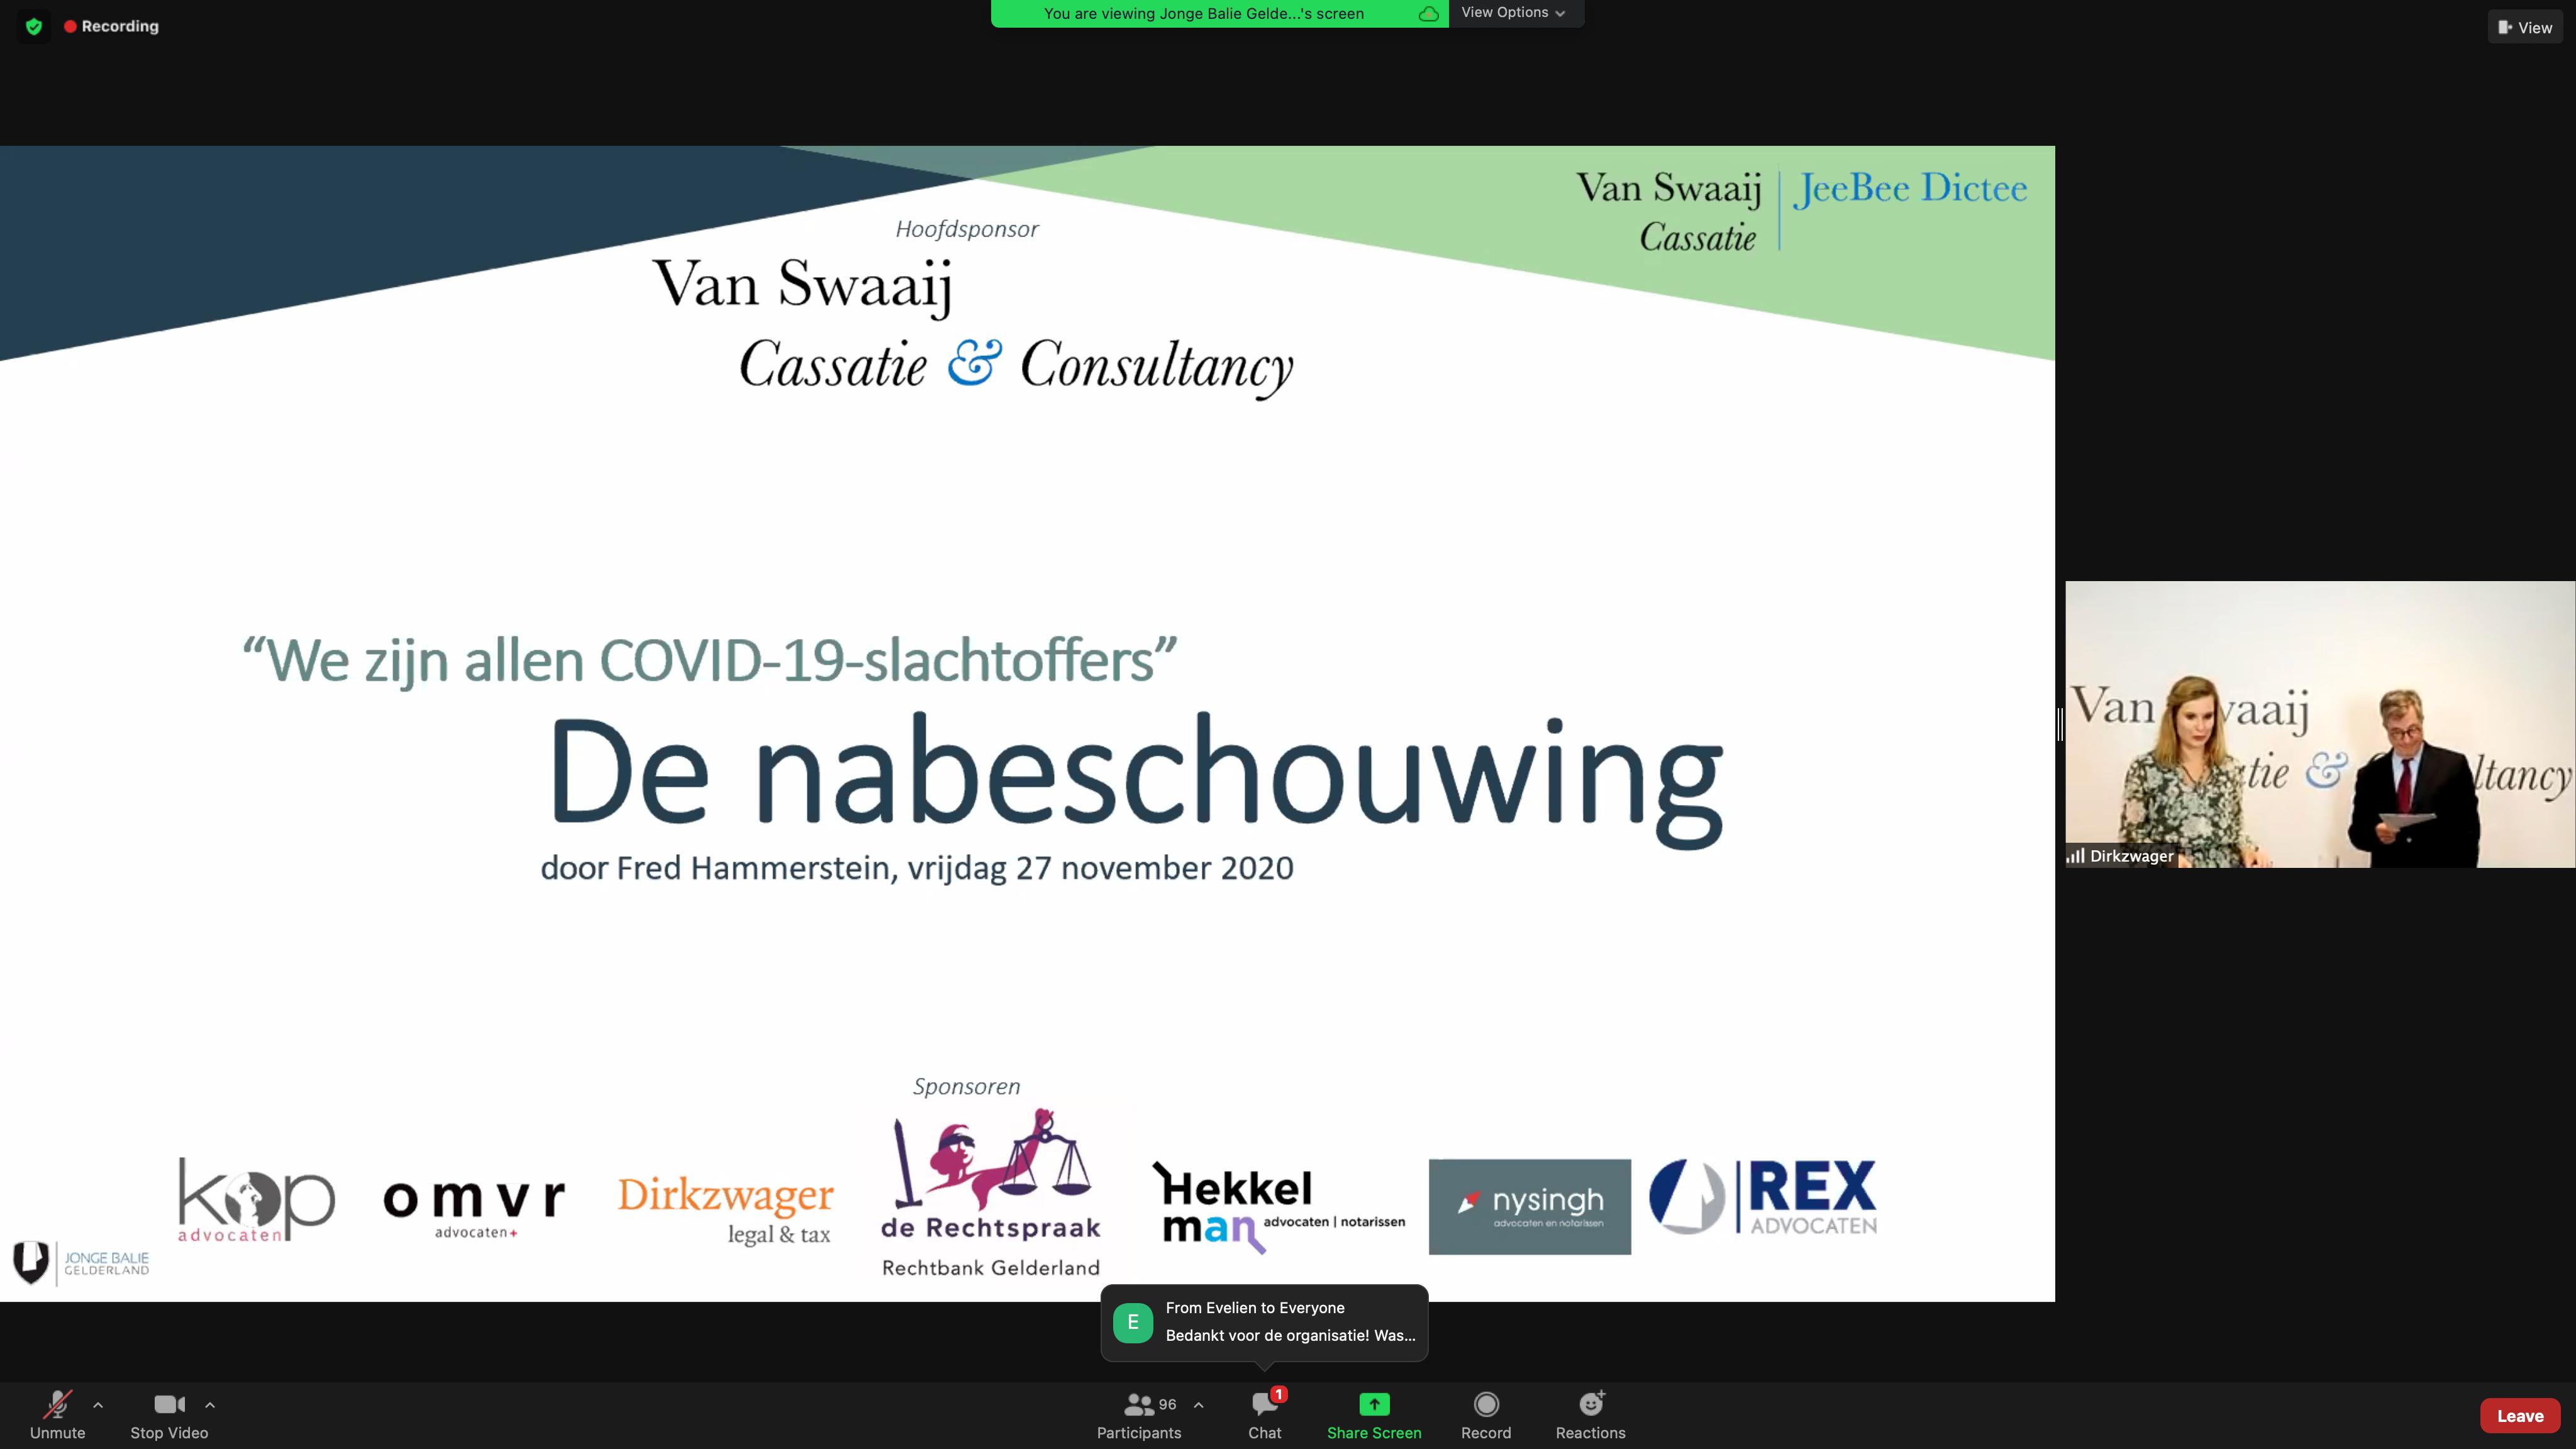 Nabeschouwing - - van Swaaij Cassastie & Consultancy - cassatieadvocaat - cassatie advocaat